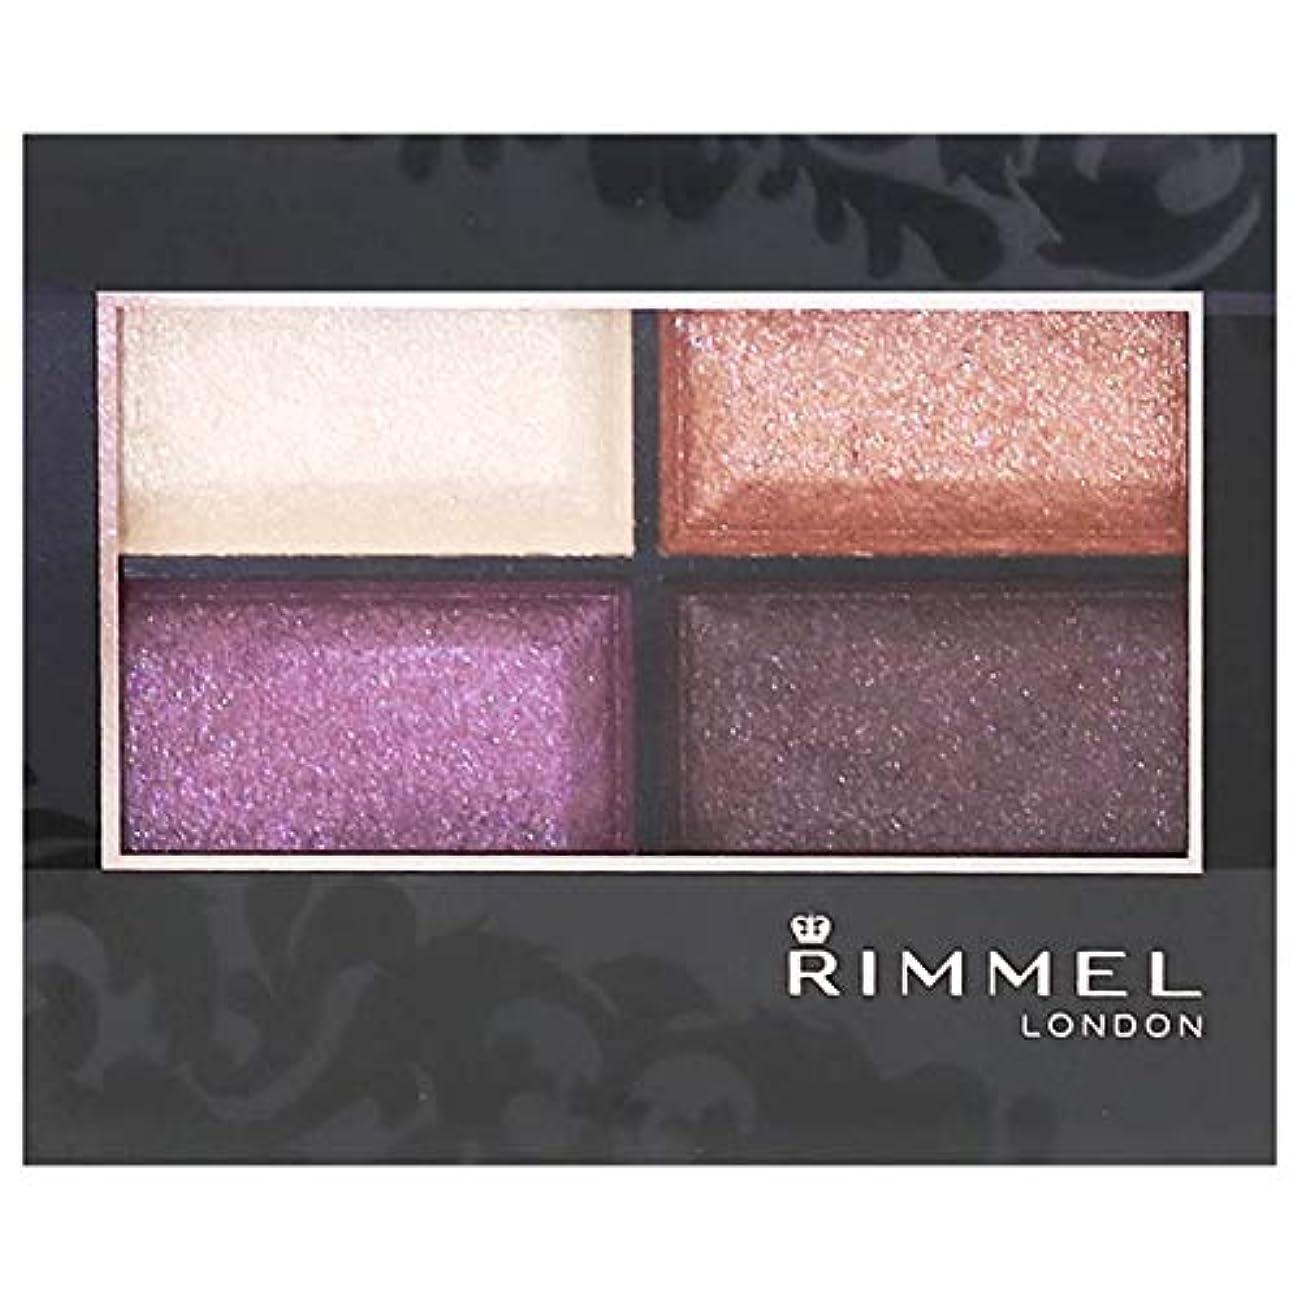 調整するディスク液体Rimmel (リンメル) リンメル ロイヤルヴィンテージ アイズ 015 スモーキーアメジスト 4.1g アイシャドウ